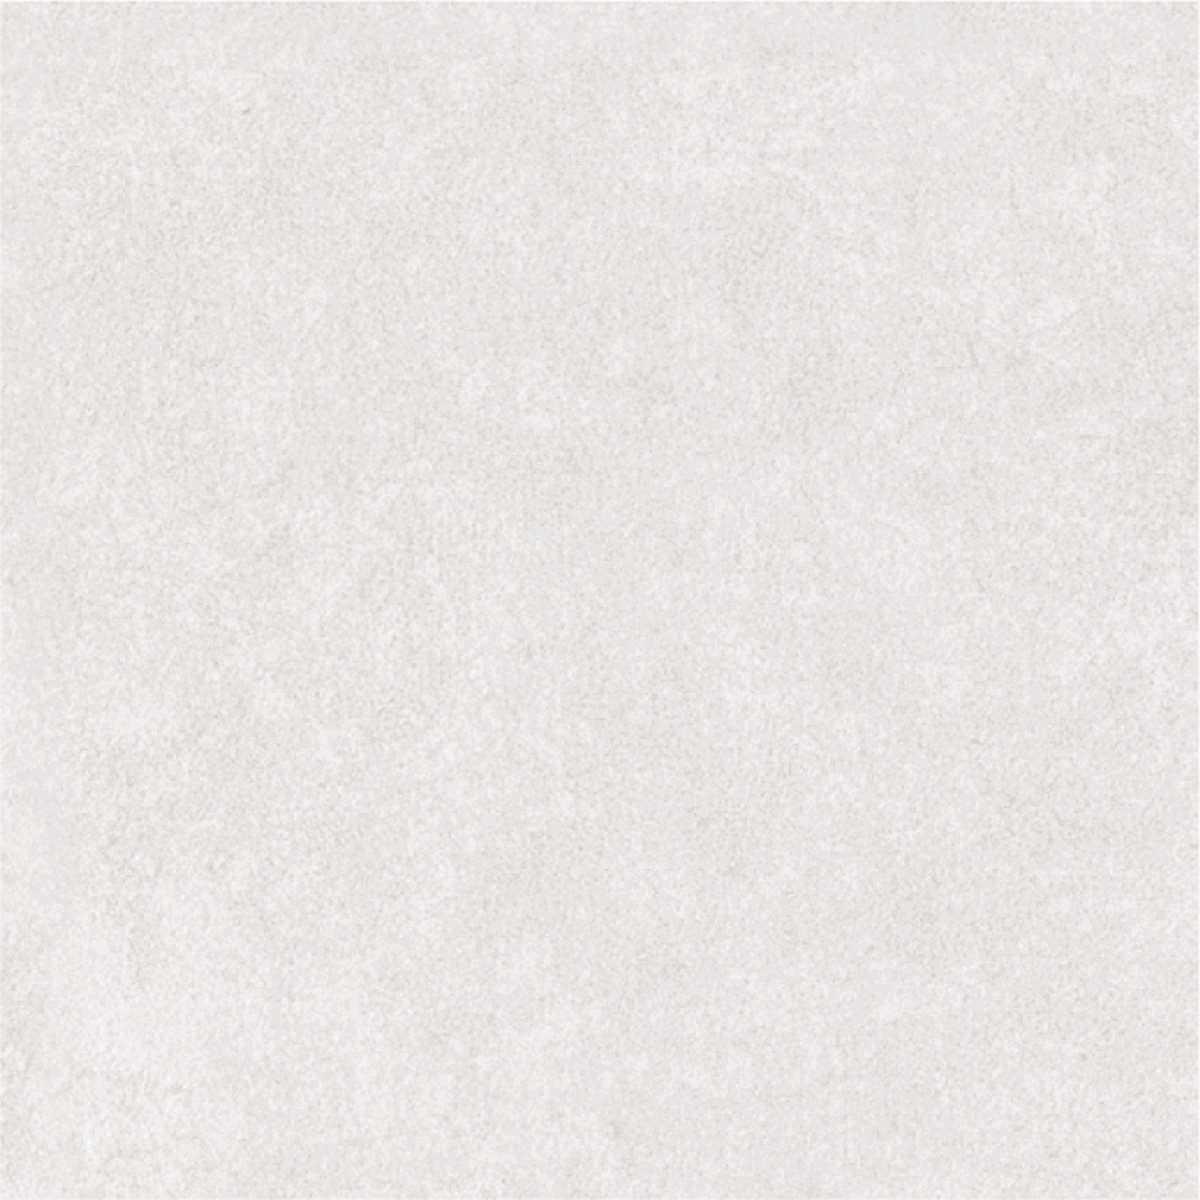 Carrelage saime sanprospero neutra bianco lap ret blanc for Carrelage en ligne pas cher